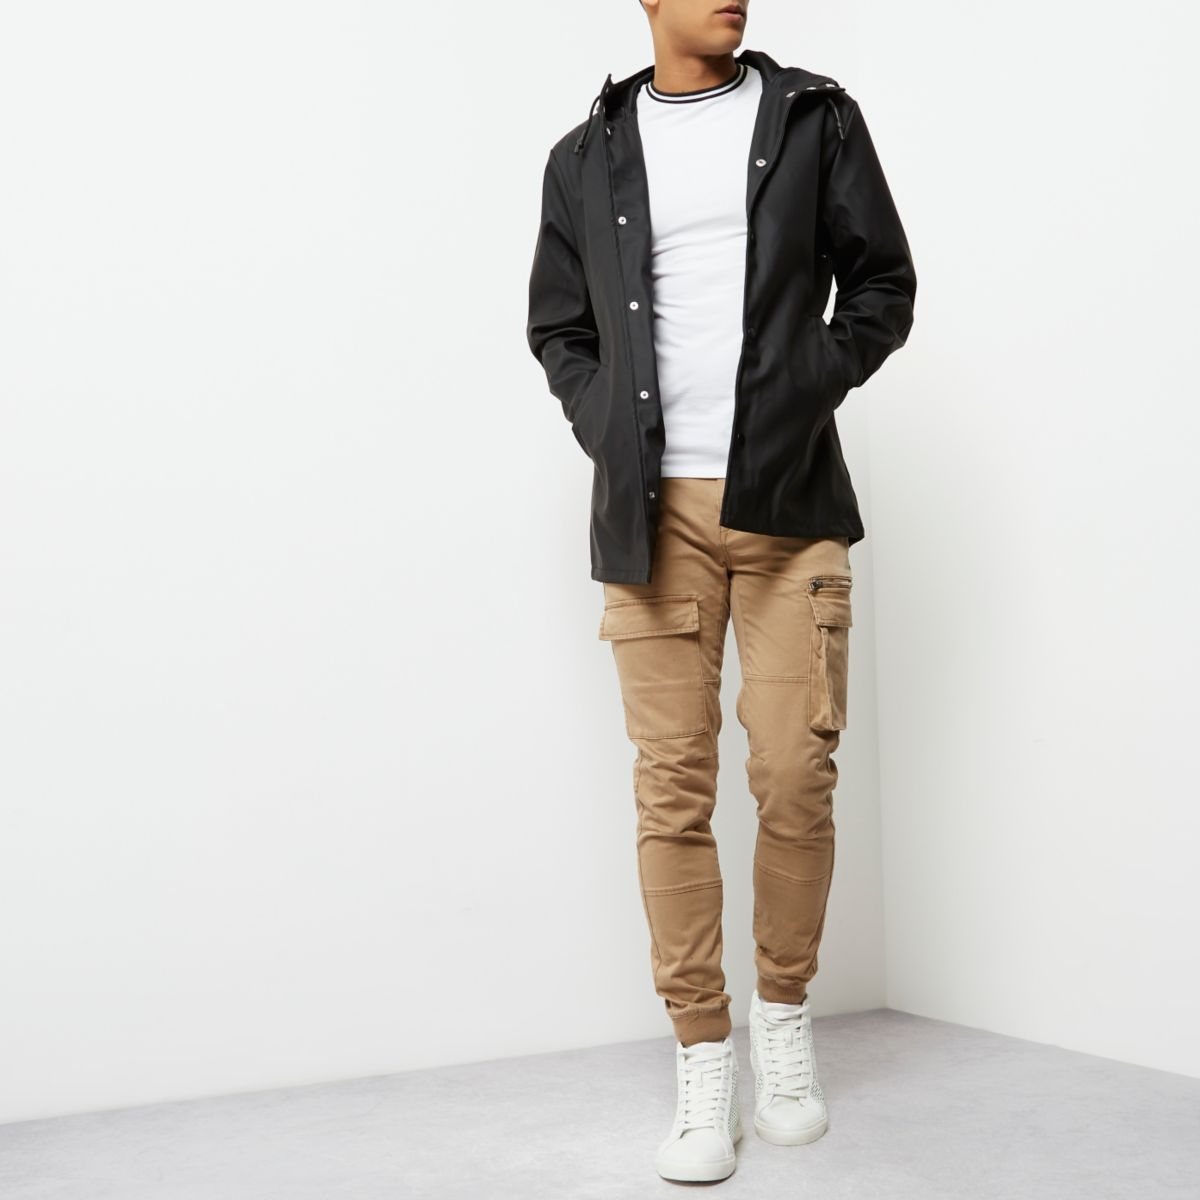 Black water resistant hooded jacket